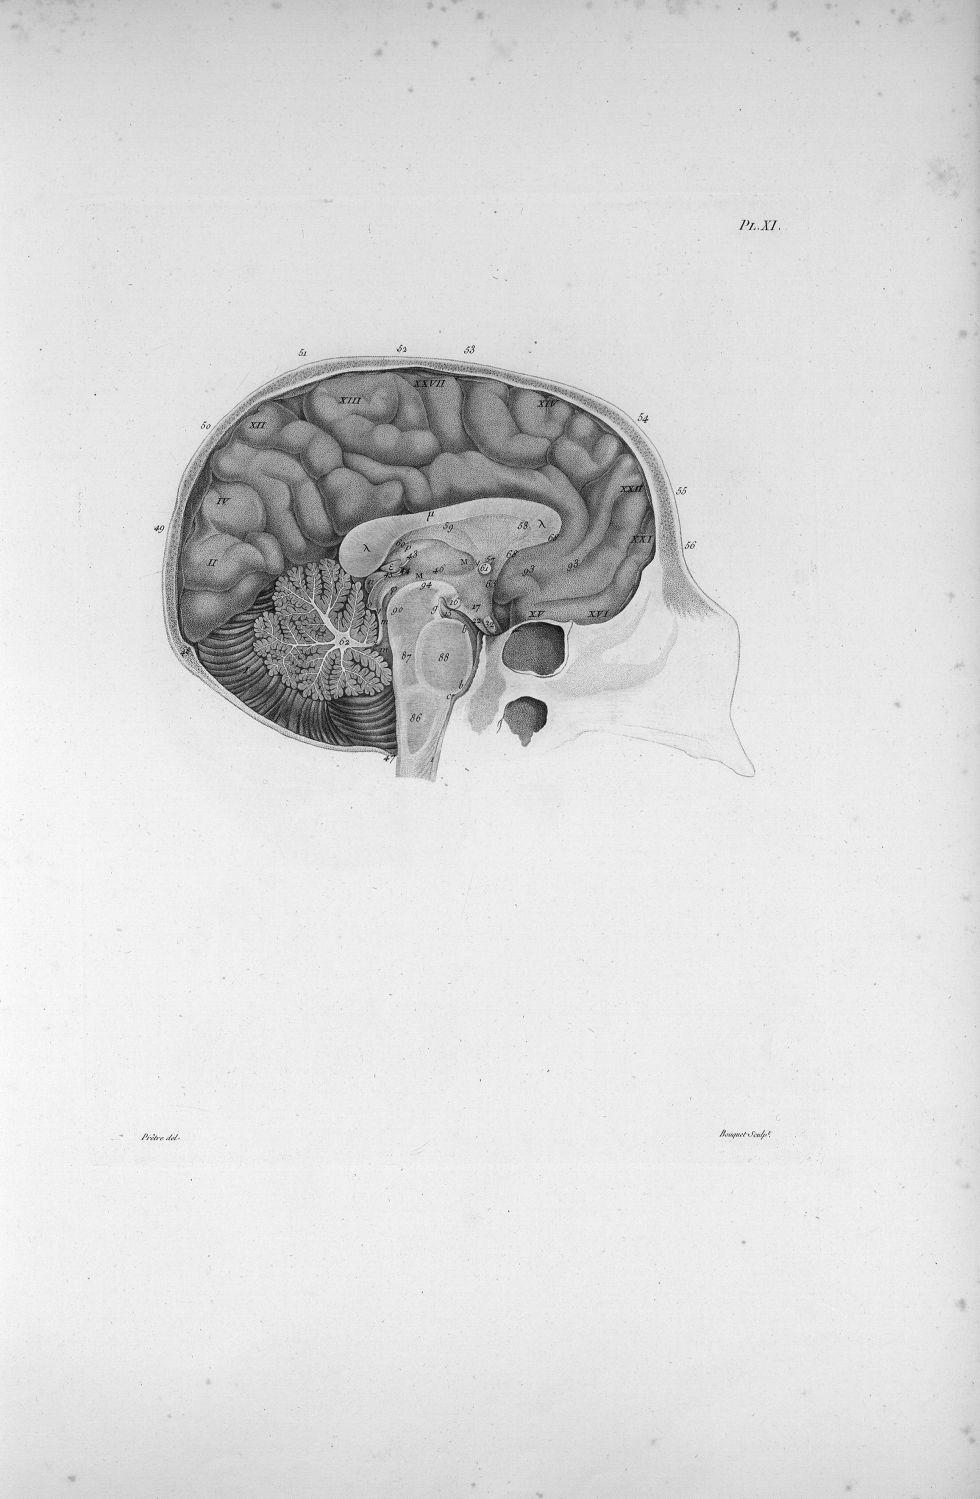 Pl. XI. Crâne, cervelet et cerveau séparés verticalement dans la ligne médiane (cerveau d'homme) - A [...] - Anatomie. Neurologie. Cerveaux, crânes (têtes). 19e siècle (France) - med00575xatlasx0021